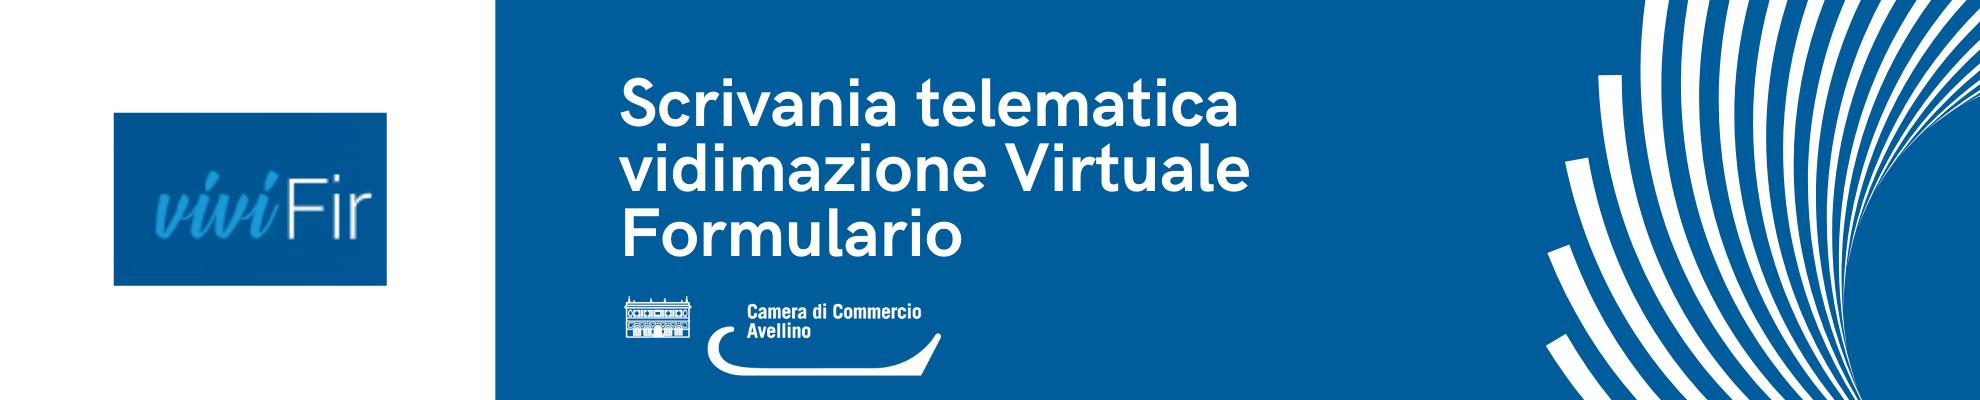 Vivi.fir - Scrivania telematica vidimazione Virtuale Formulario -